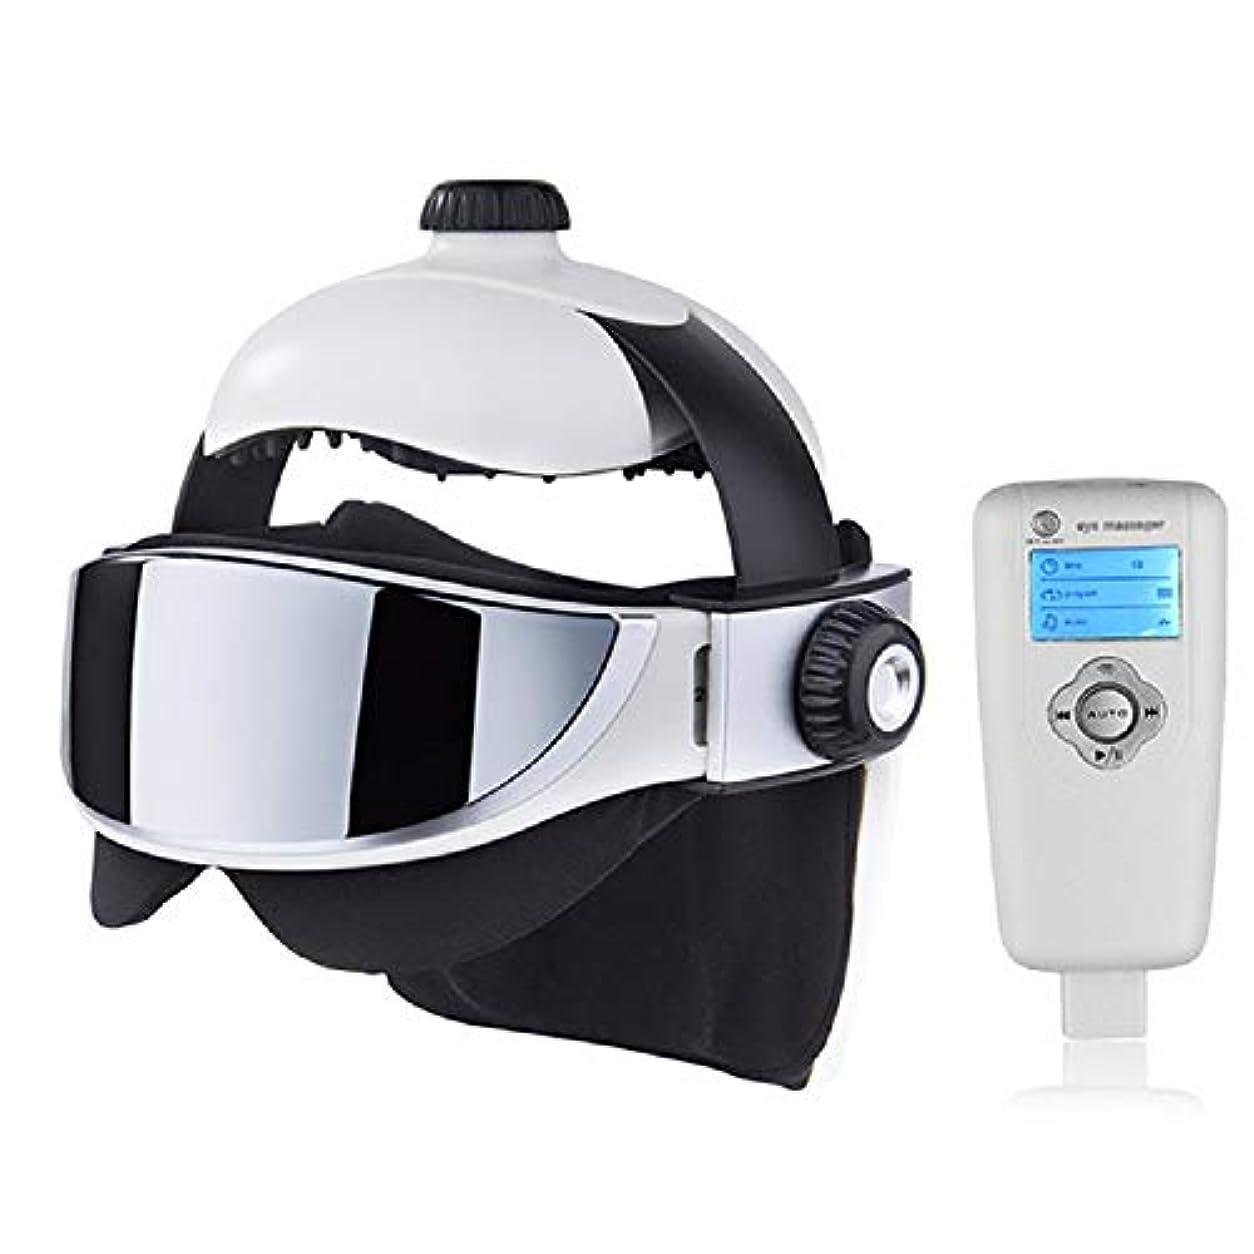 輝く理論ボーナスMeet now 高度な圧子2イン1ヘッドマッサージ、アイマッサージ、高度な音楽マッサージヘルメットデザイン 品質保証